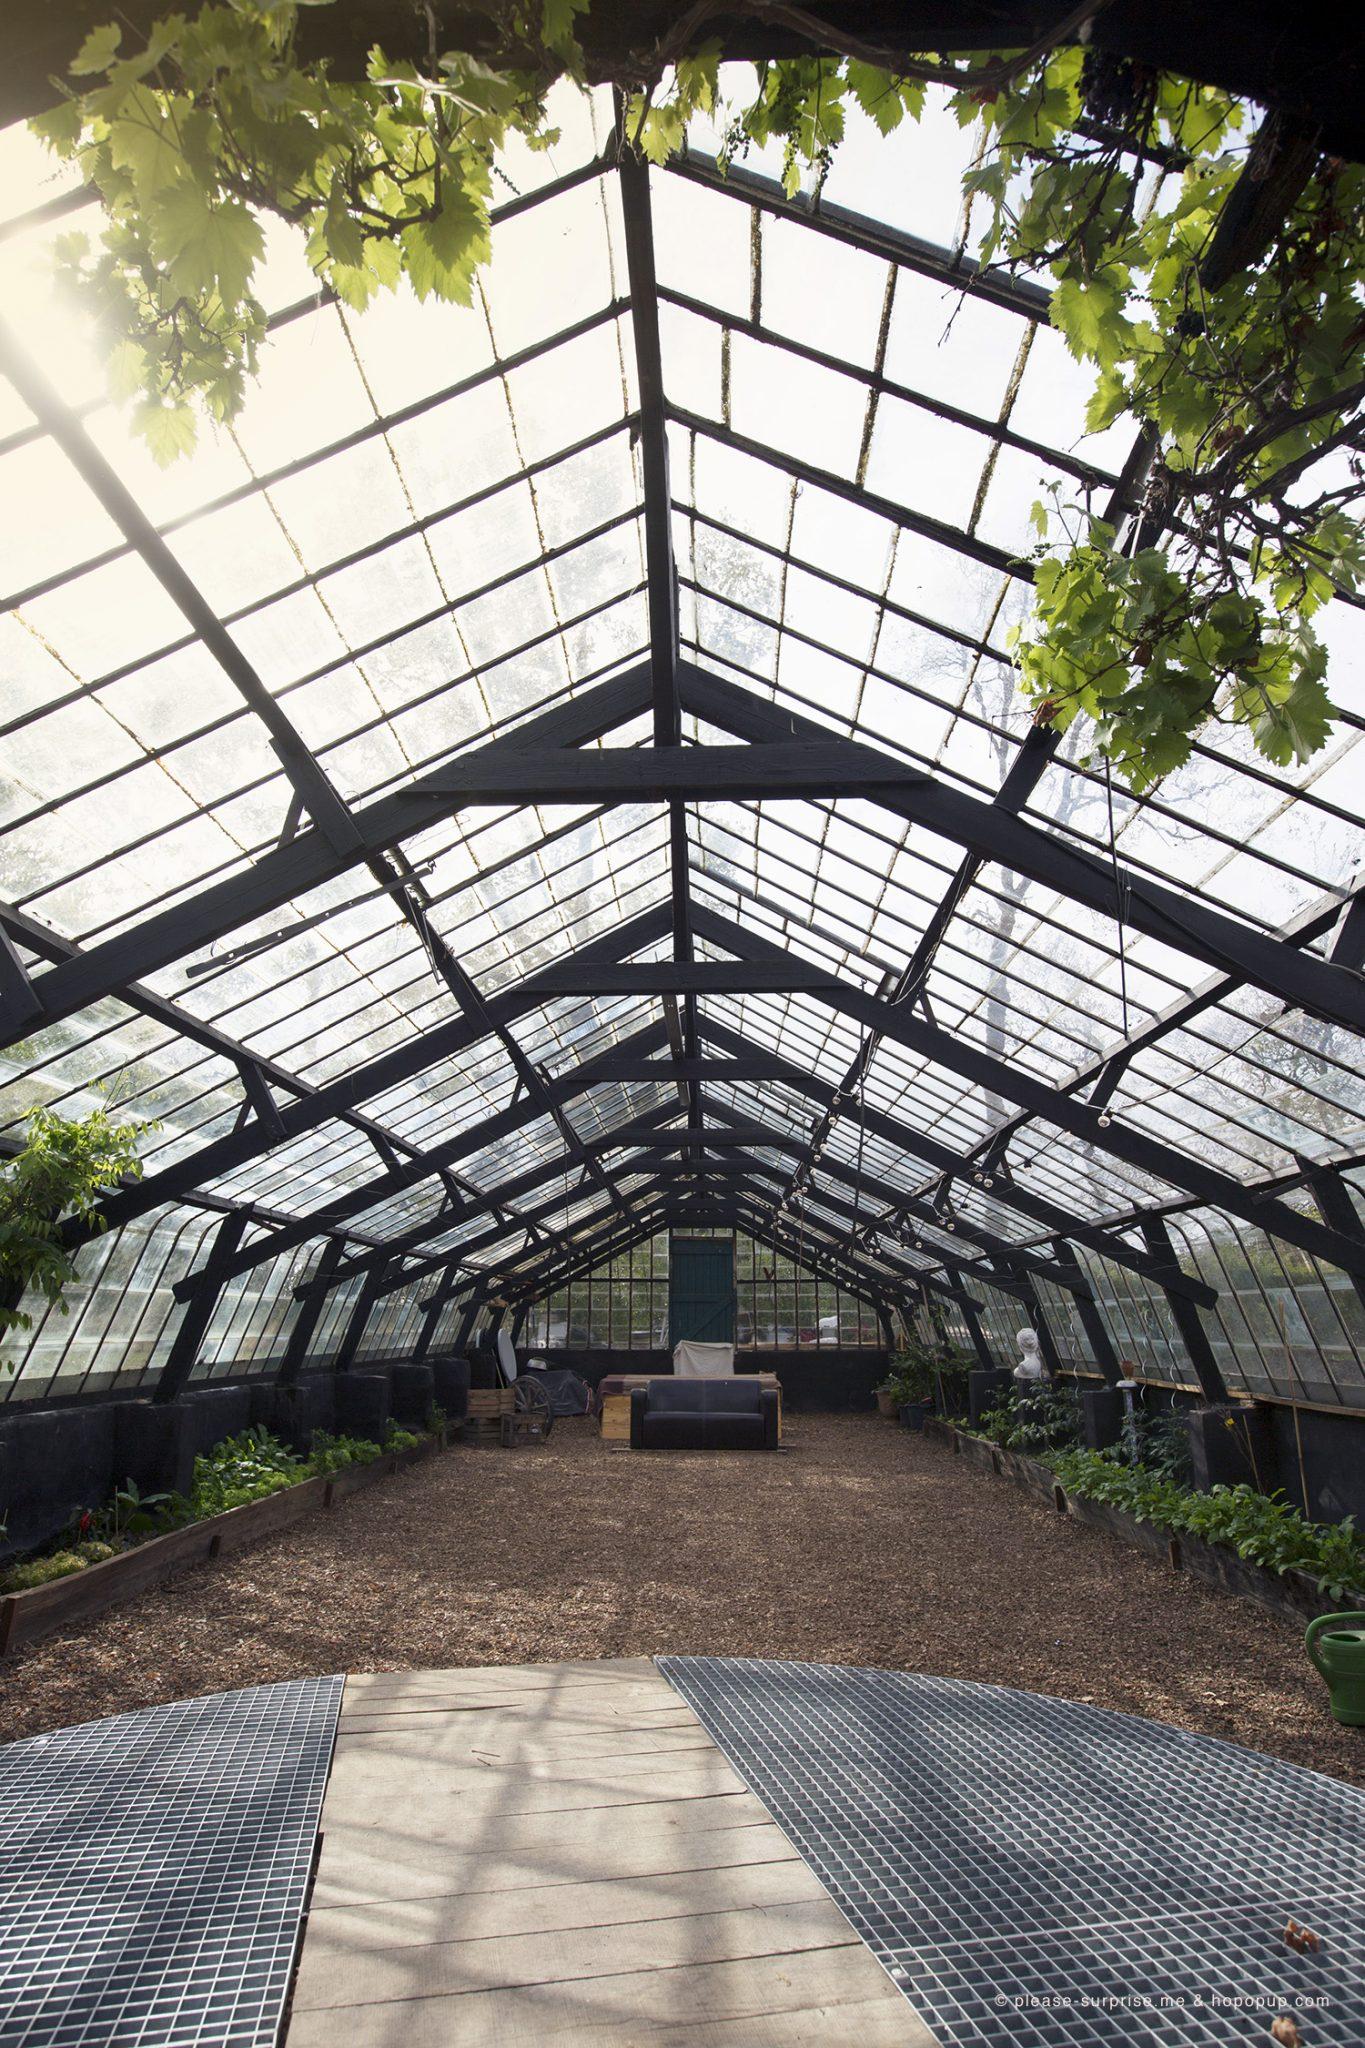 Beautiful serre de jardin en verre belgique pictures for Cabanes de jardin belgique